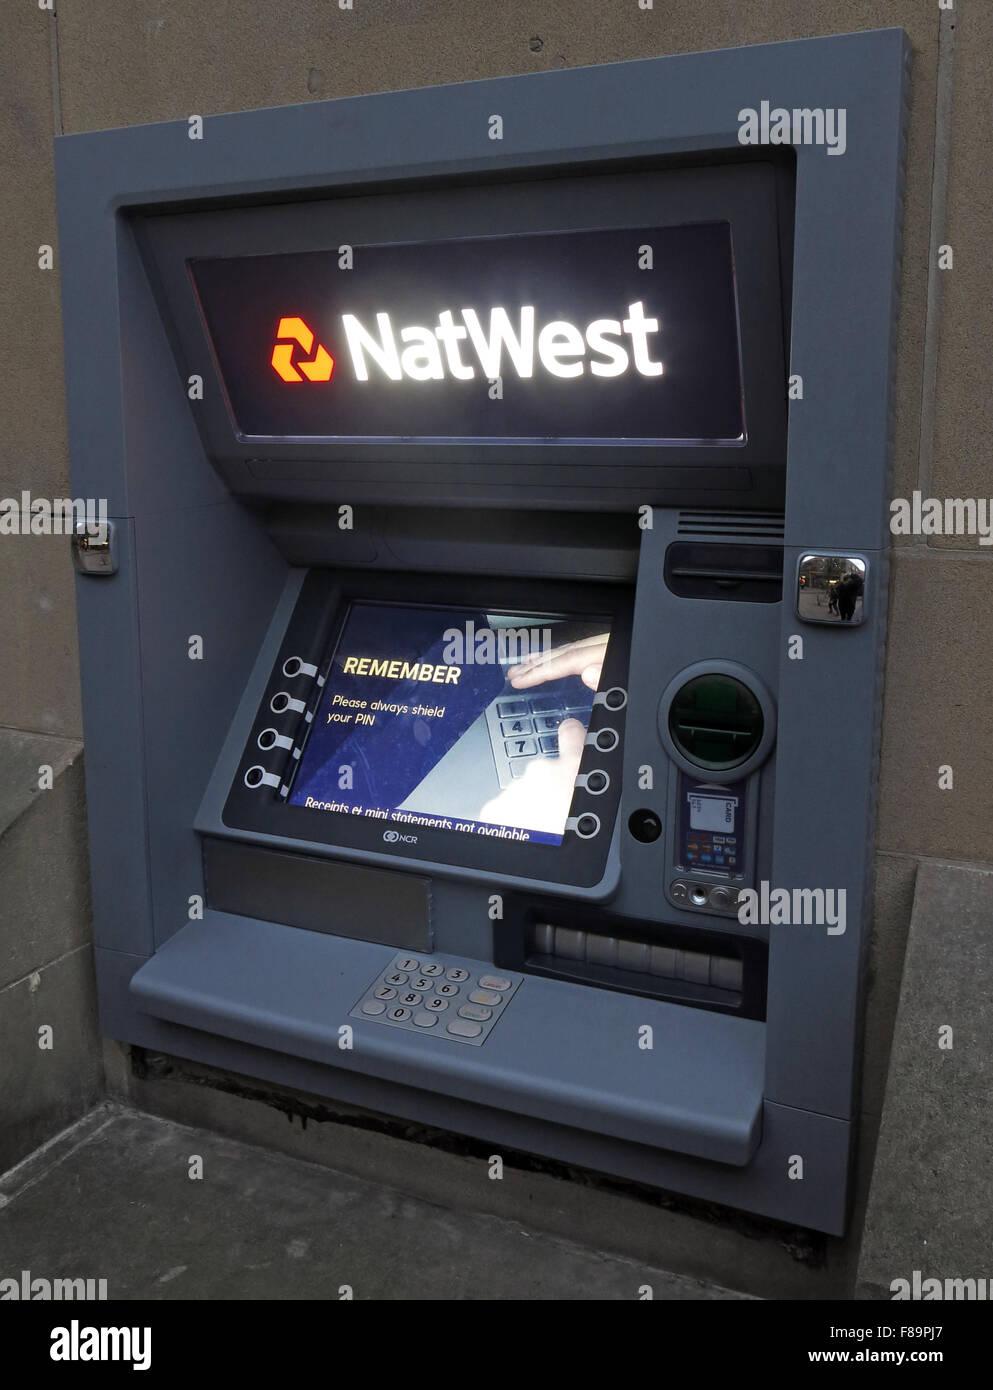 Laden Sie dieses Alamy Stockfoto NatWest ATM Loch in der Wand Maschine, Warrington, Cheshire, England, UK - F89PJ7